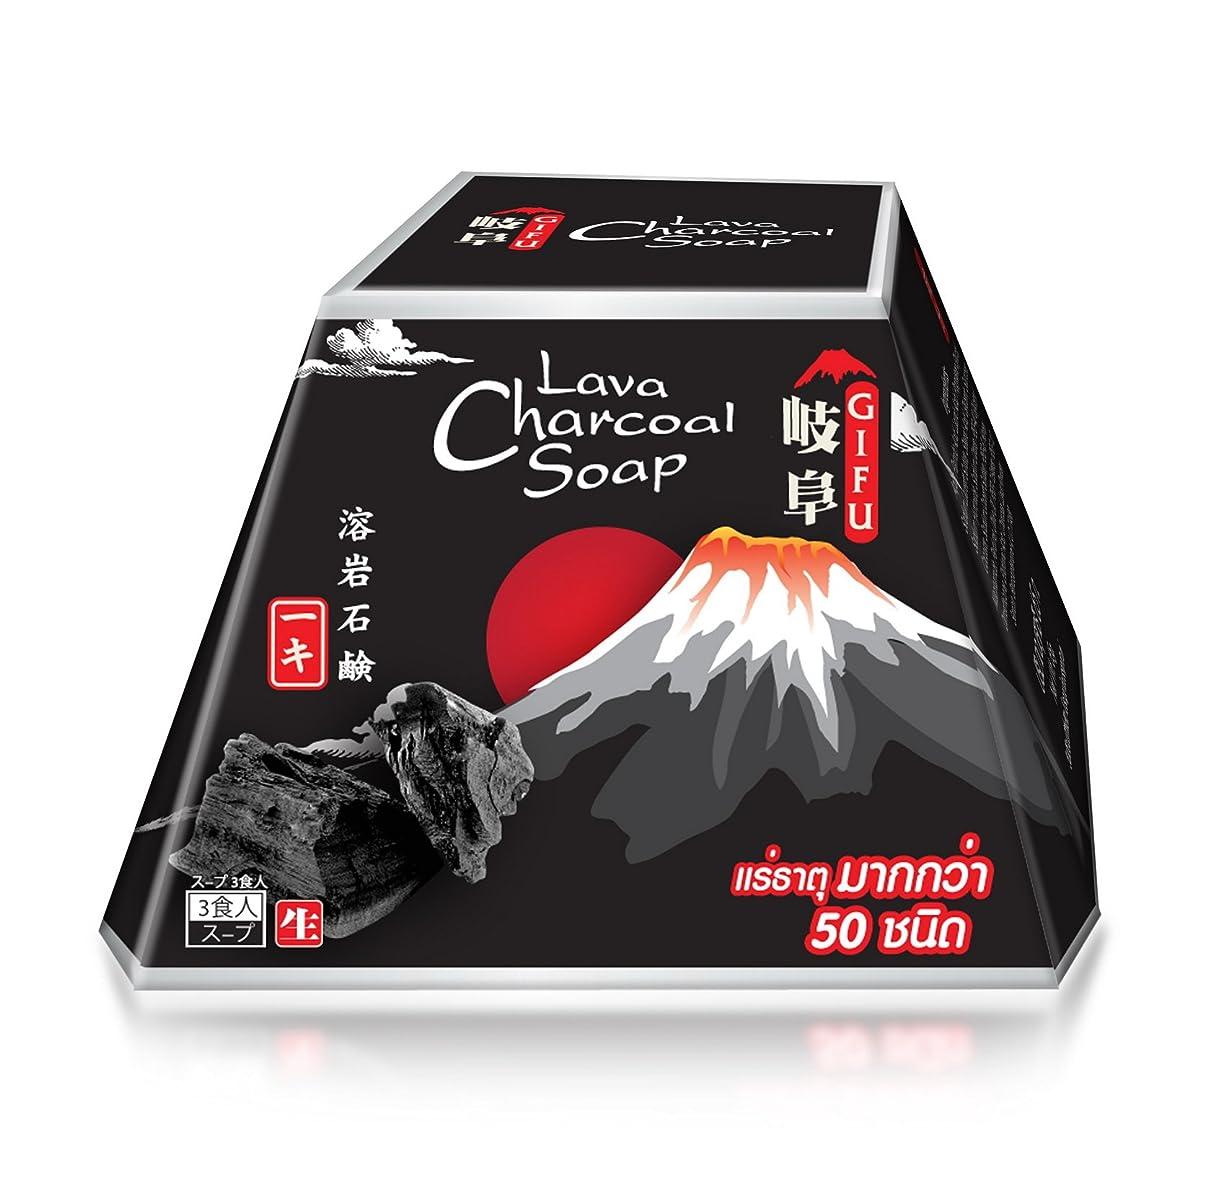 口実悪質な扱うOKI GIFU Lava Charcoal Soap 70g 溶岩炭石鹸 日本の溶岩